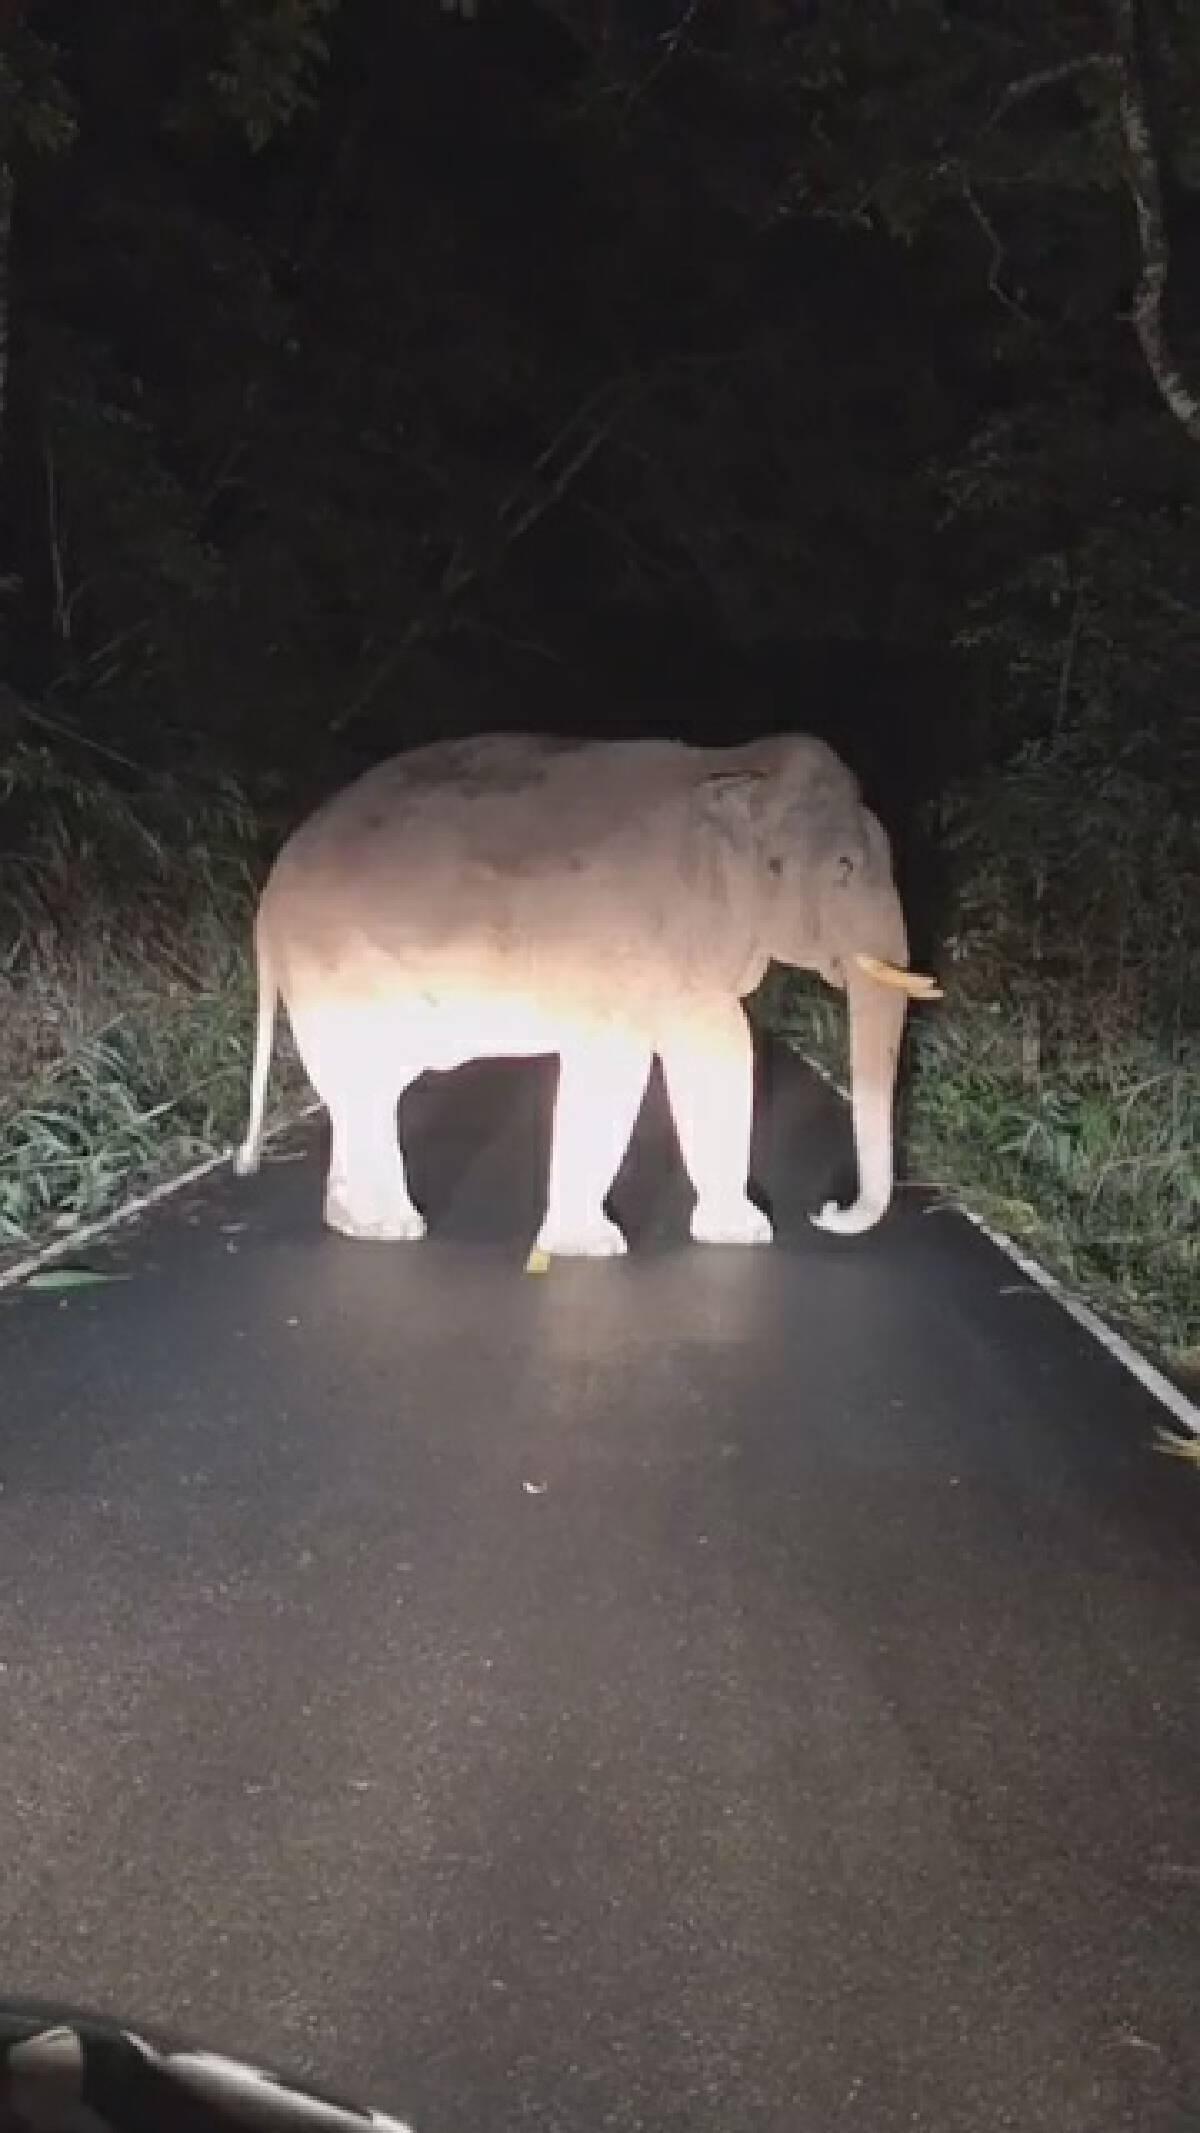 คลิปความน่ารักของเจ้าไททันช้างป่าเขาใหญ่ยืนกินใบไผ่ไม่สนเจ้าหน้าที่